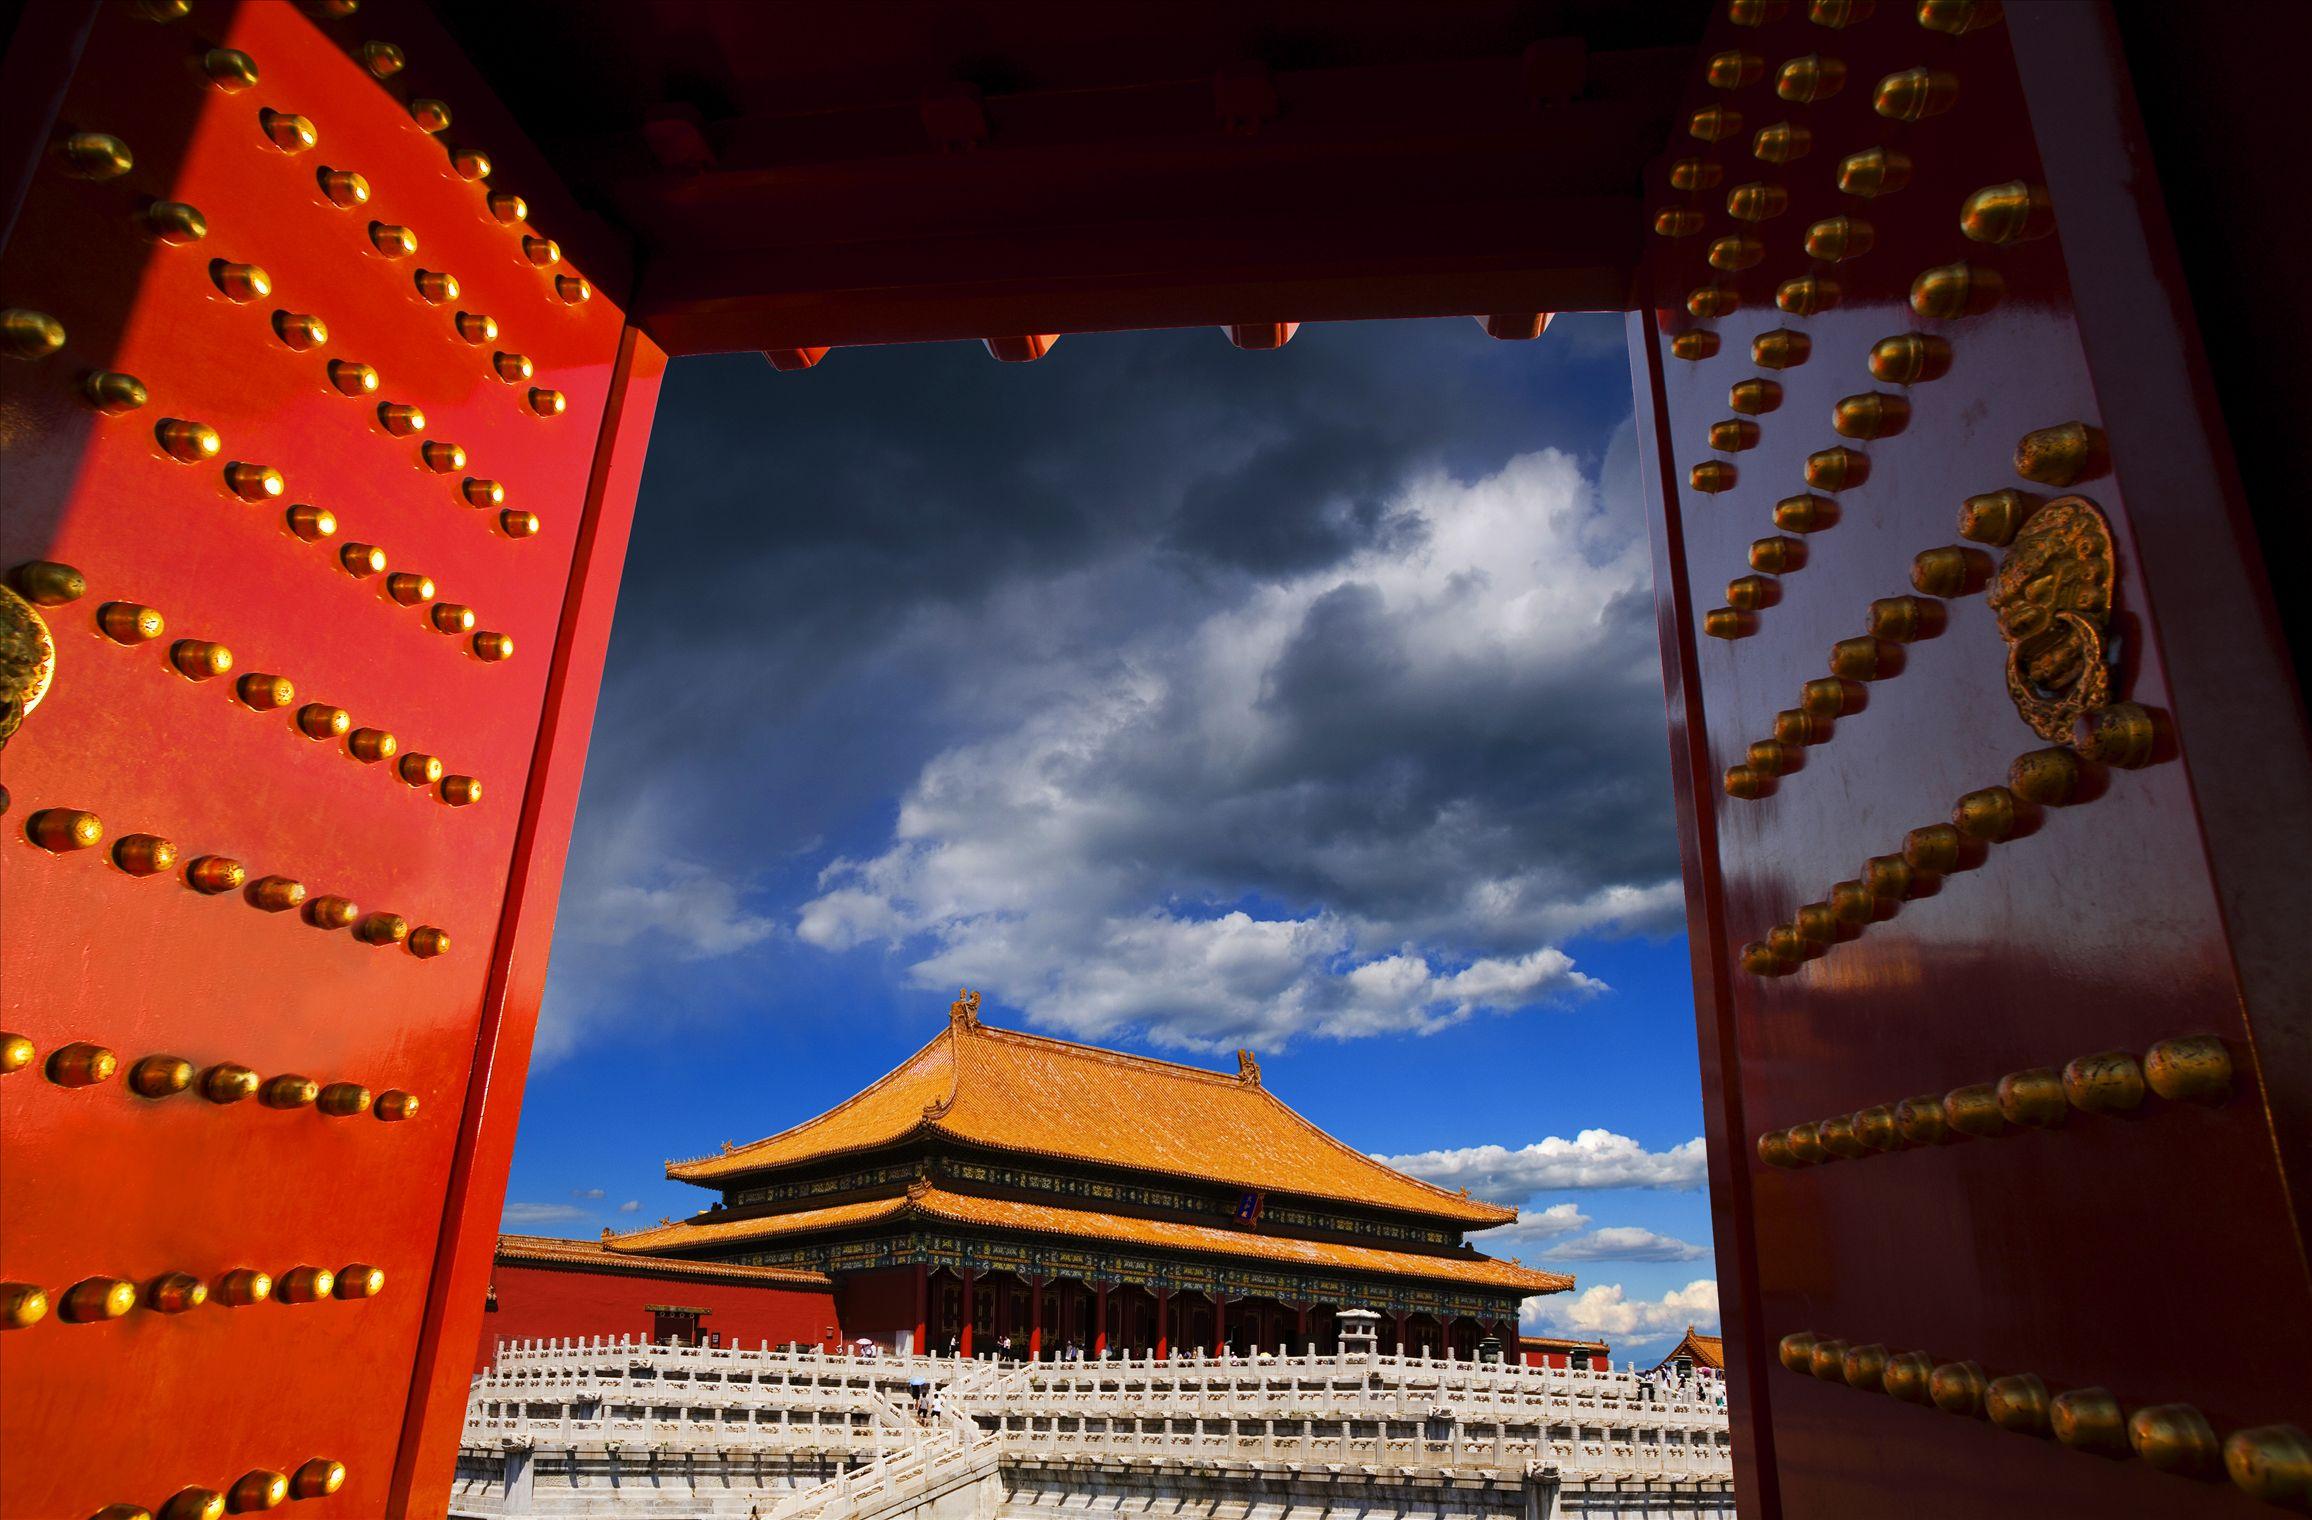 怡然自得北京双高五天豪华游